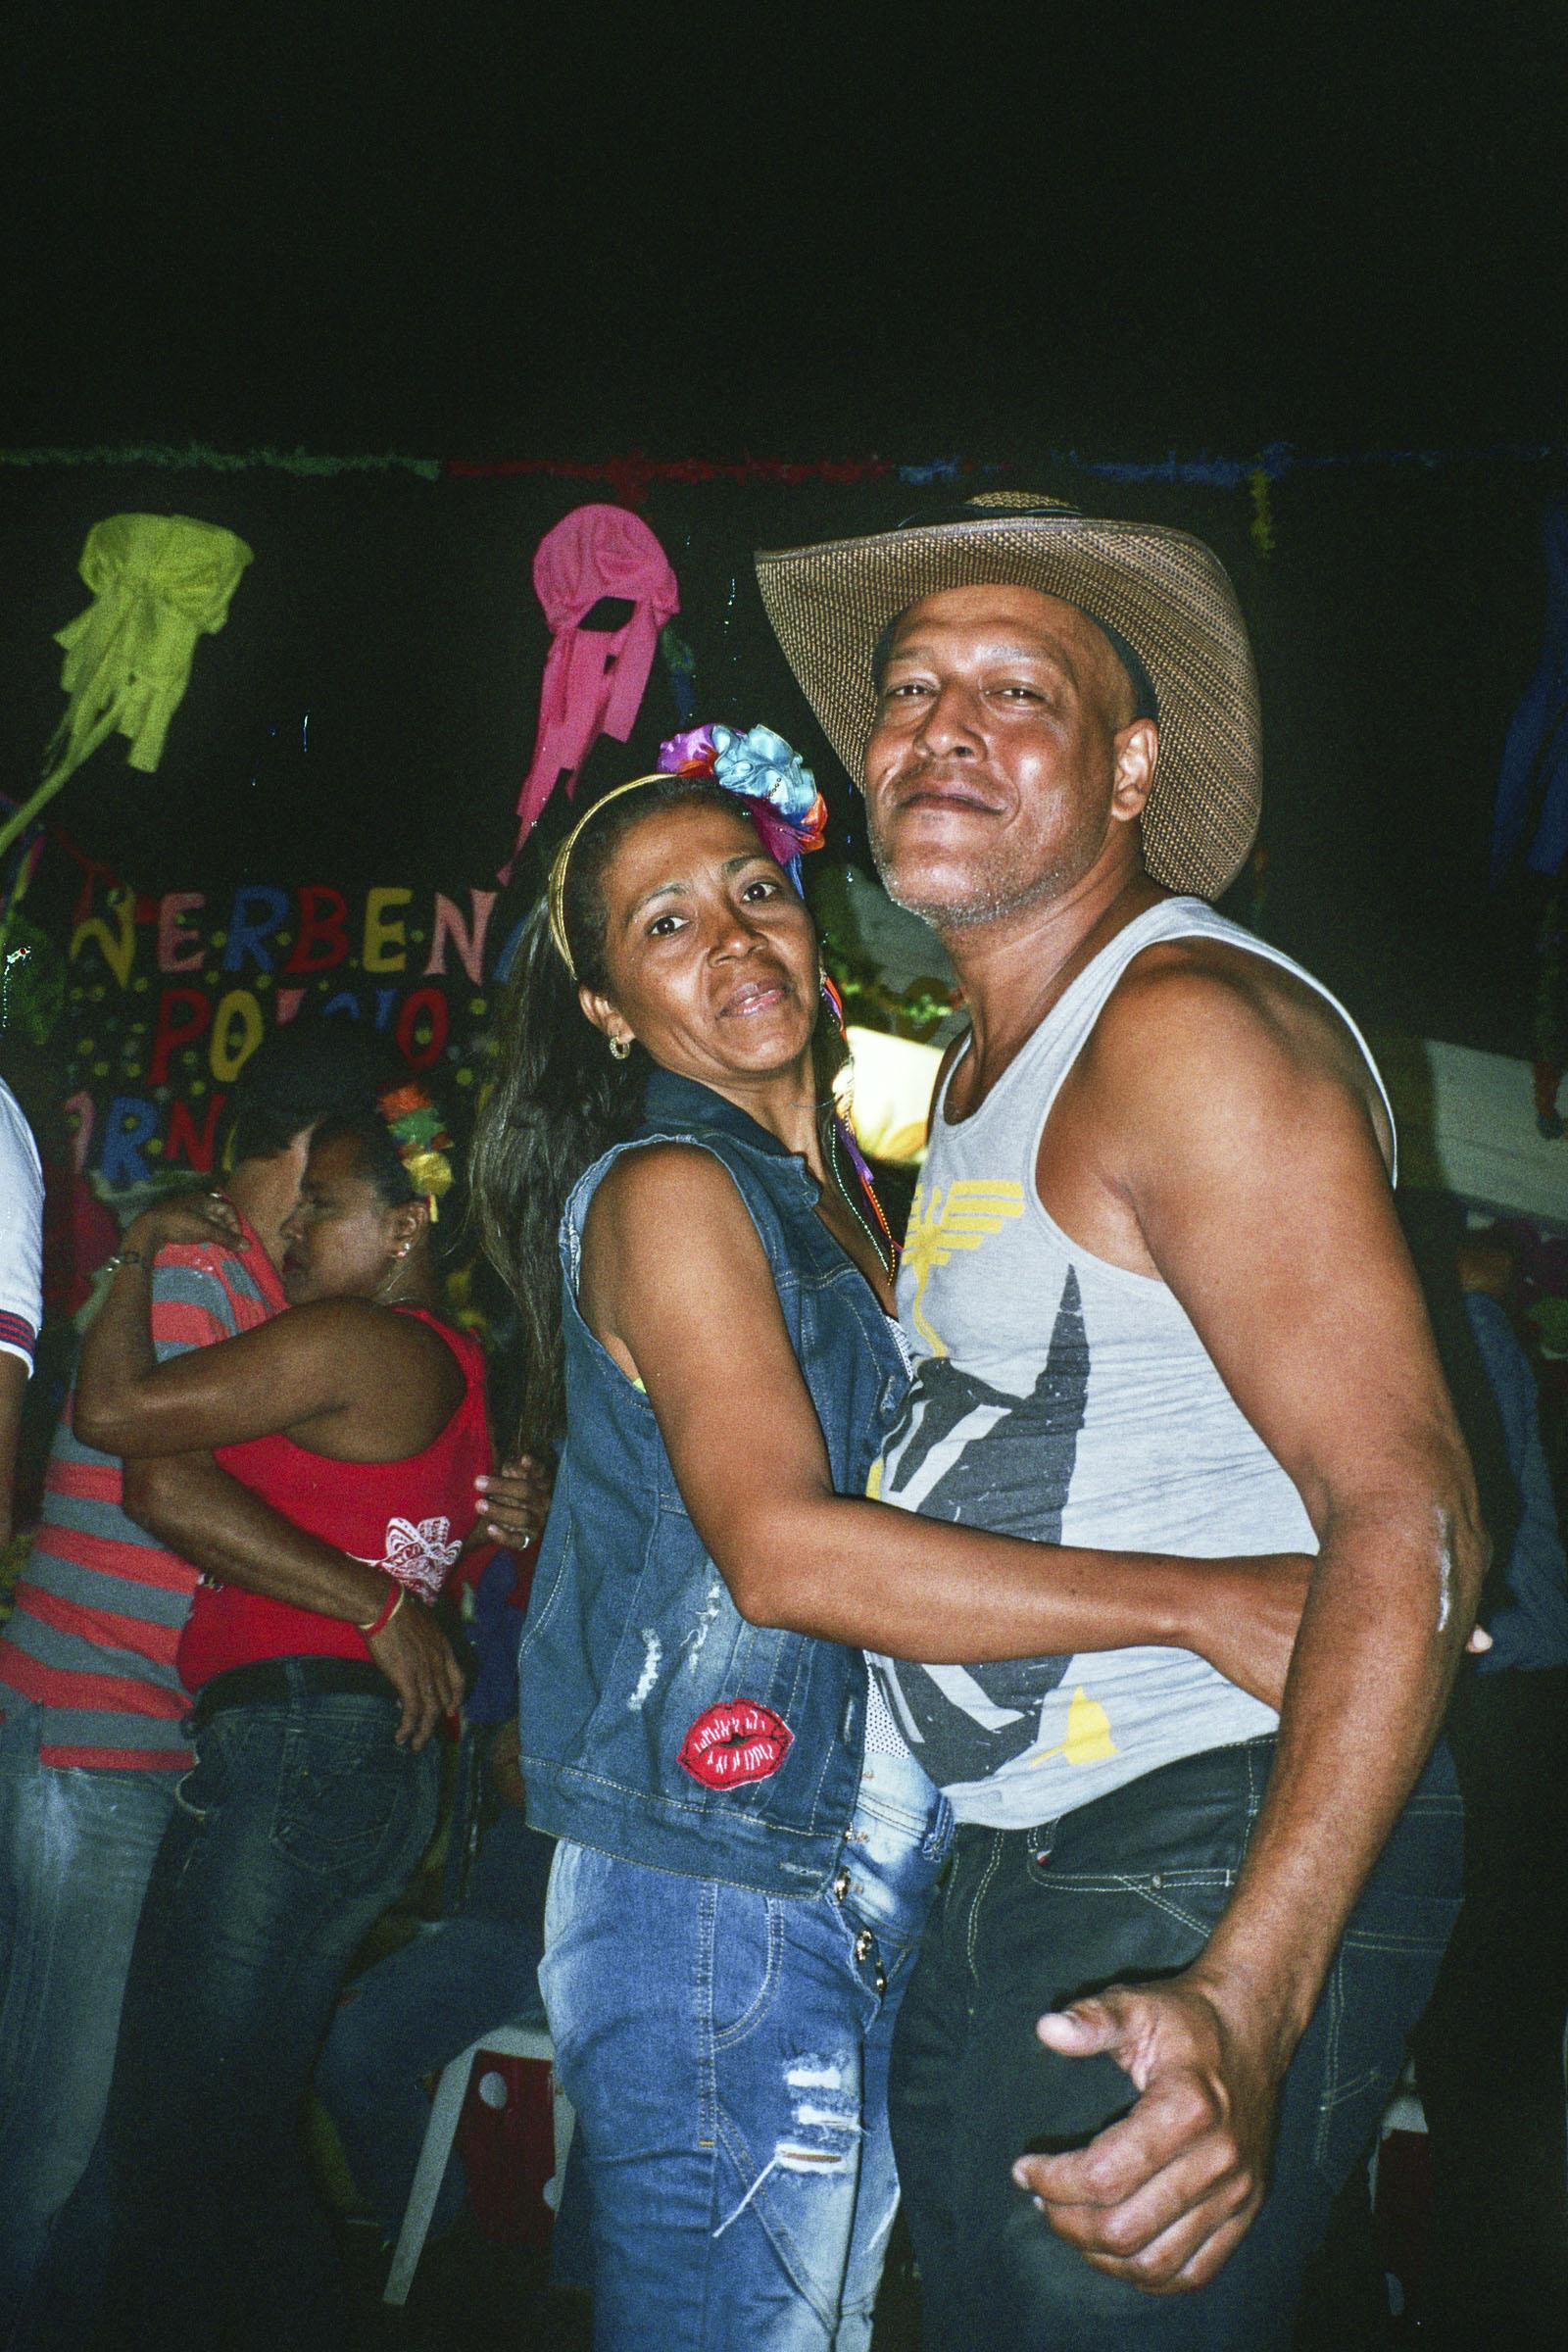 El Carnaval De Barranquilla by Stefy Pocket 9